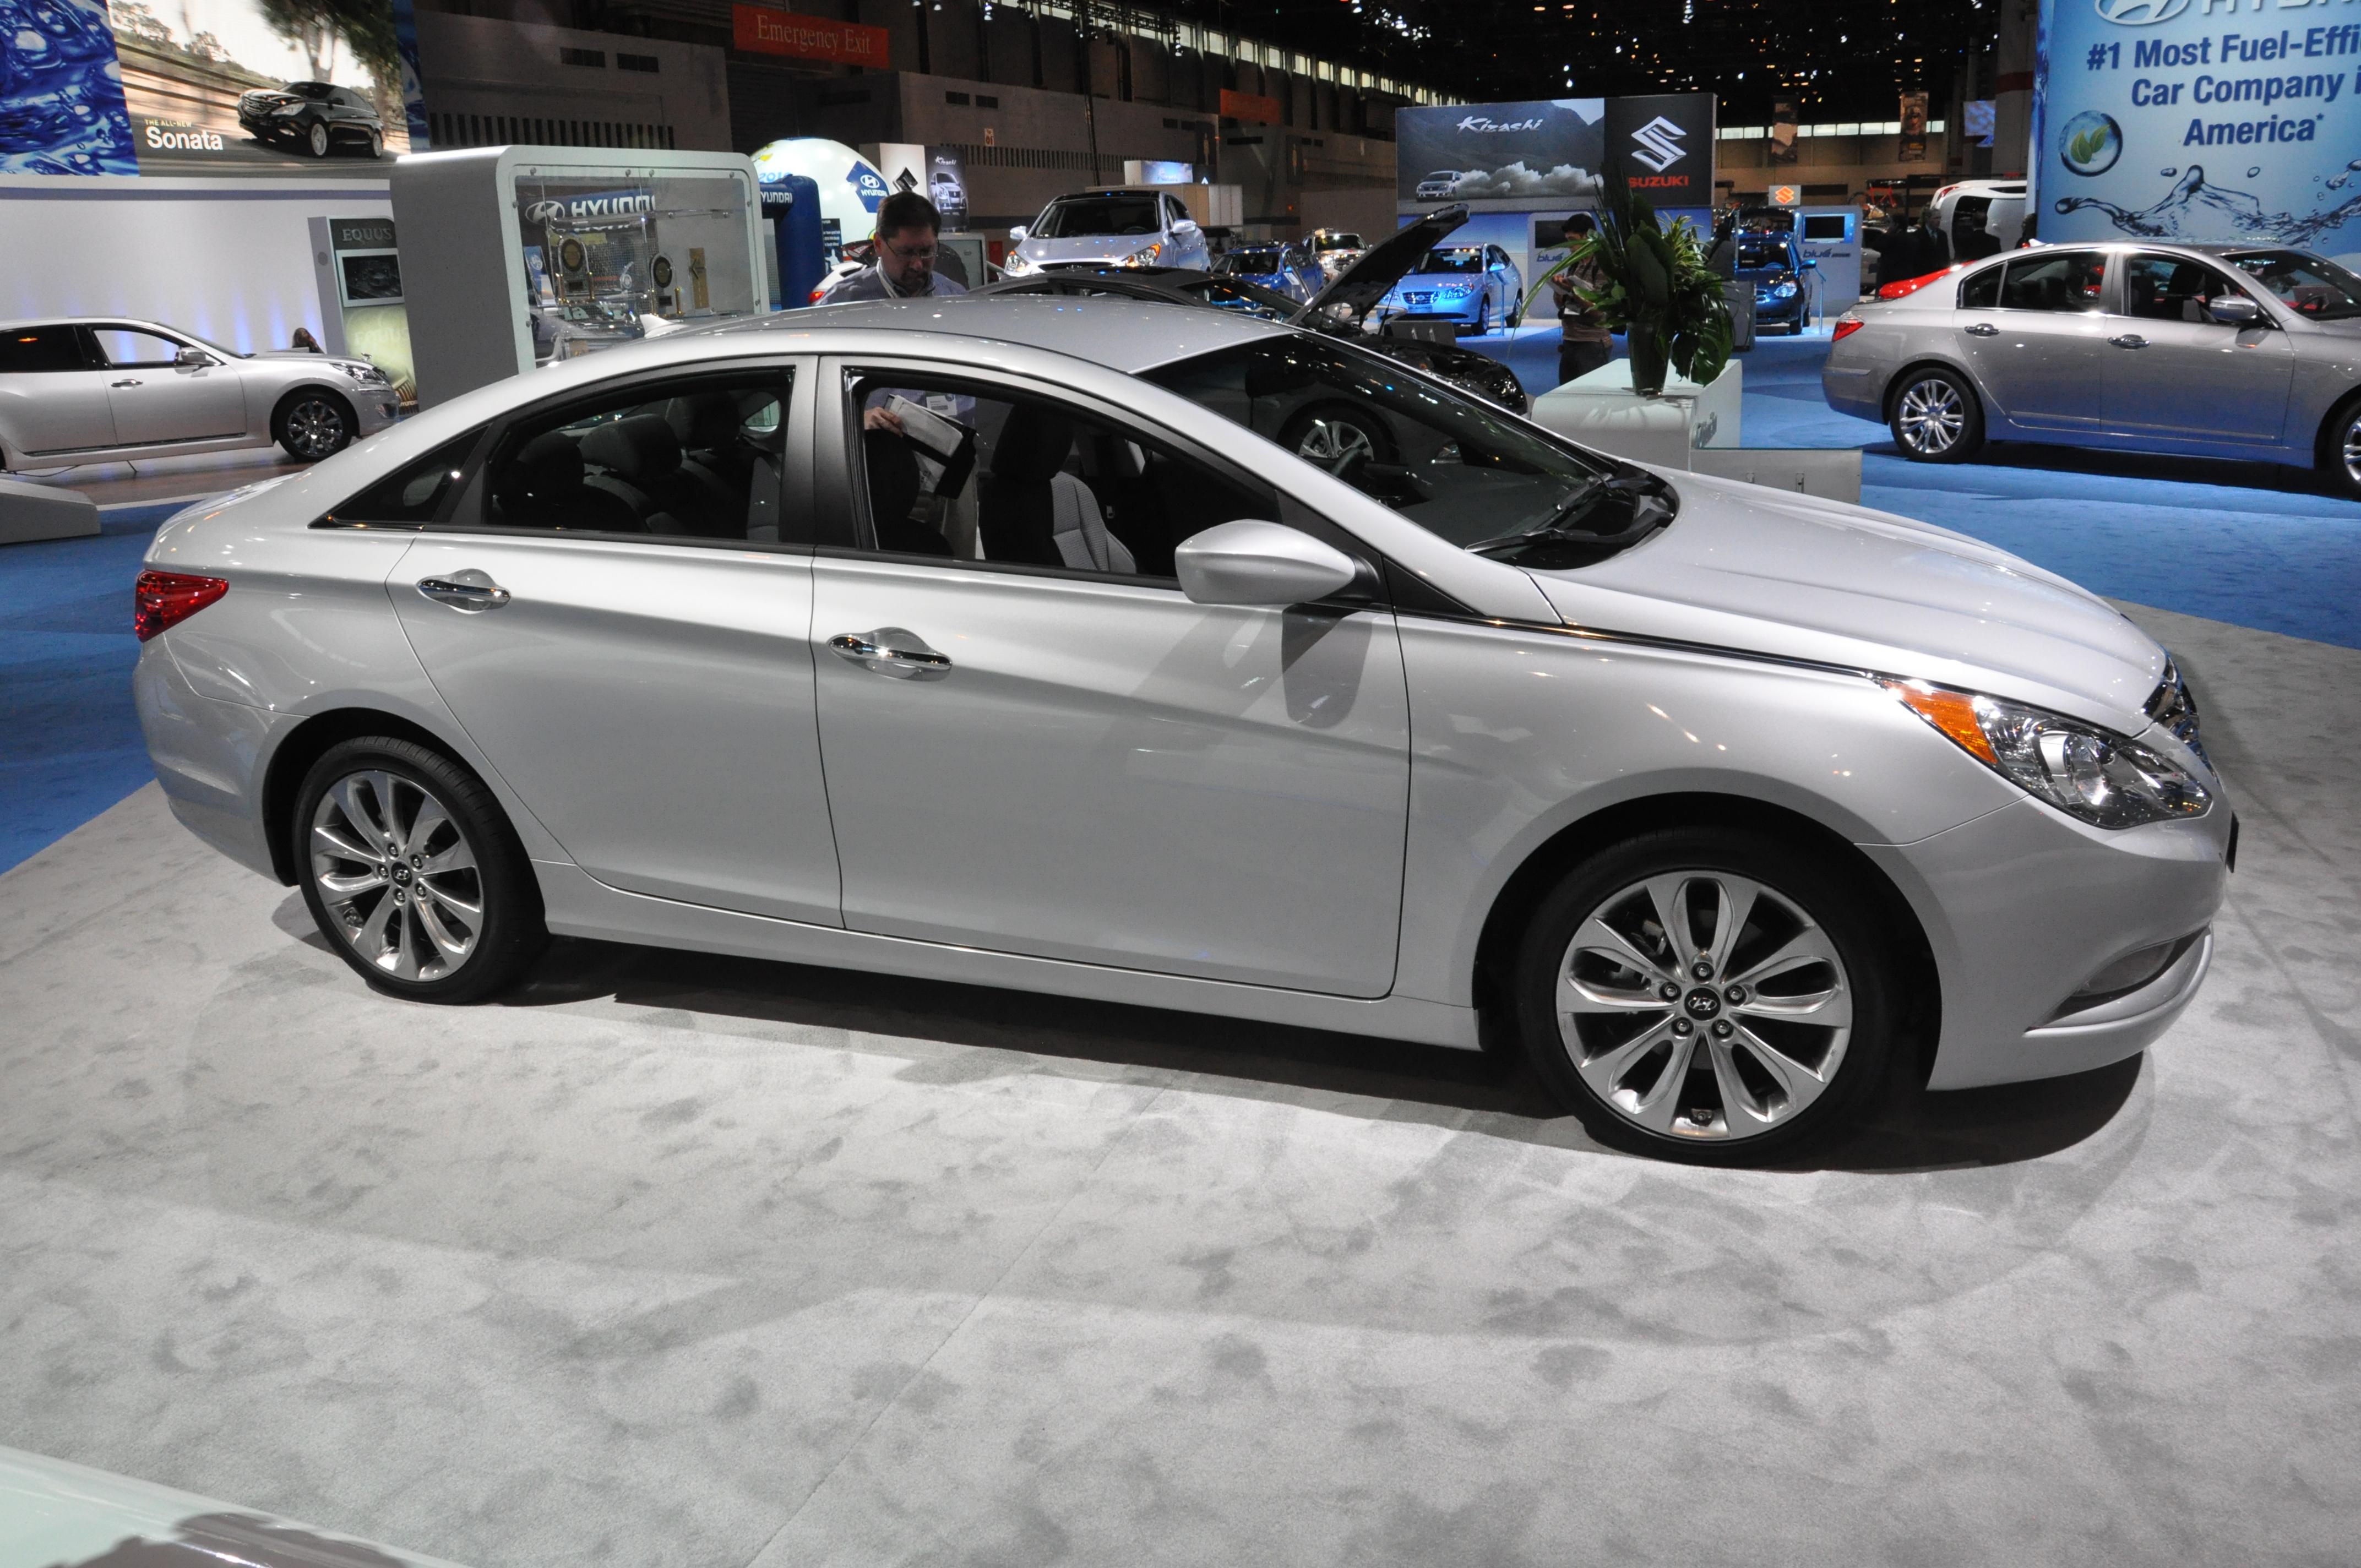 Hyundai Sonata Pearl White Touchup Paint